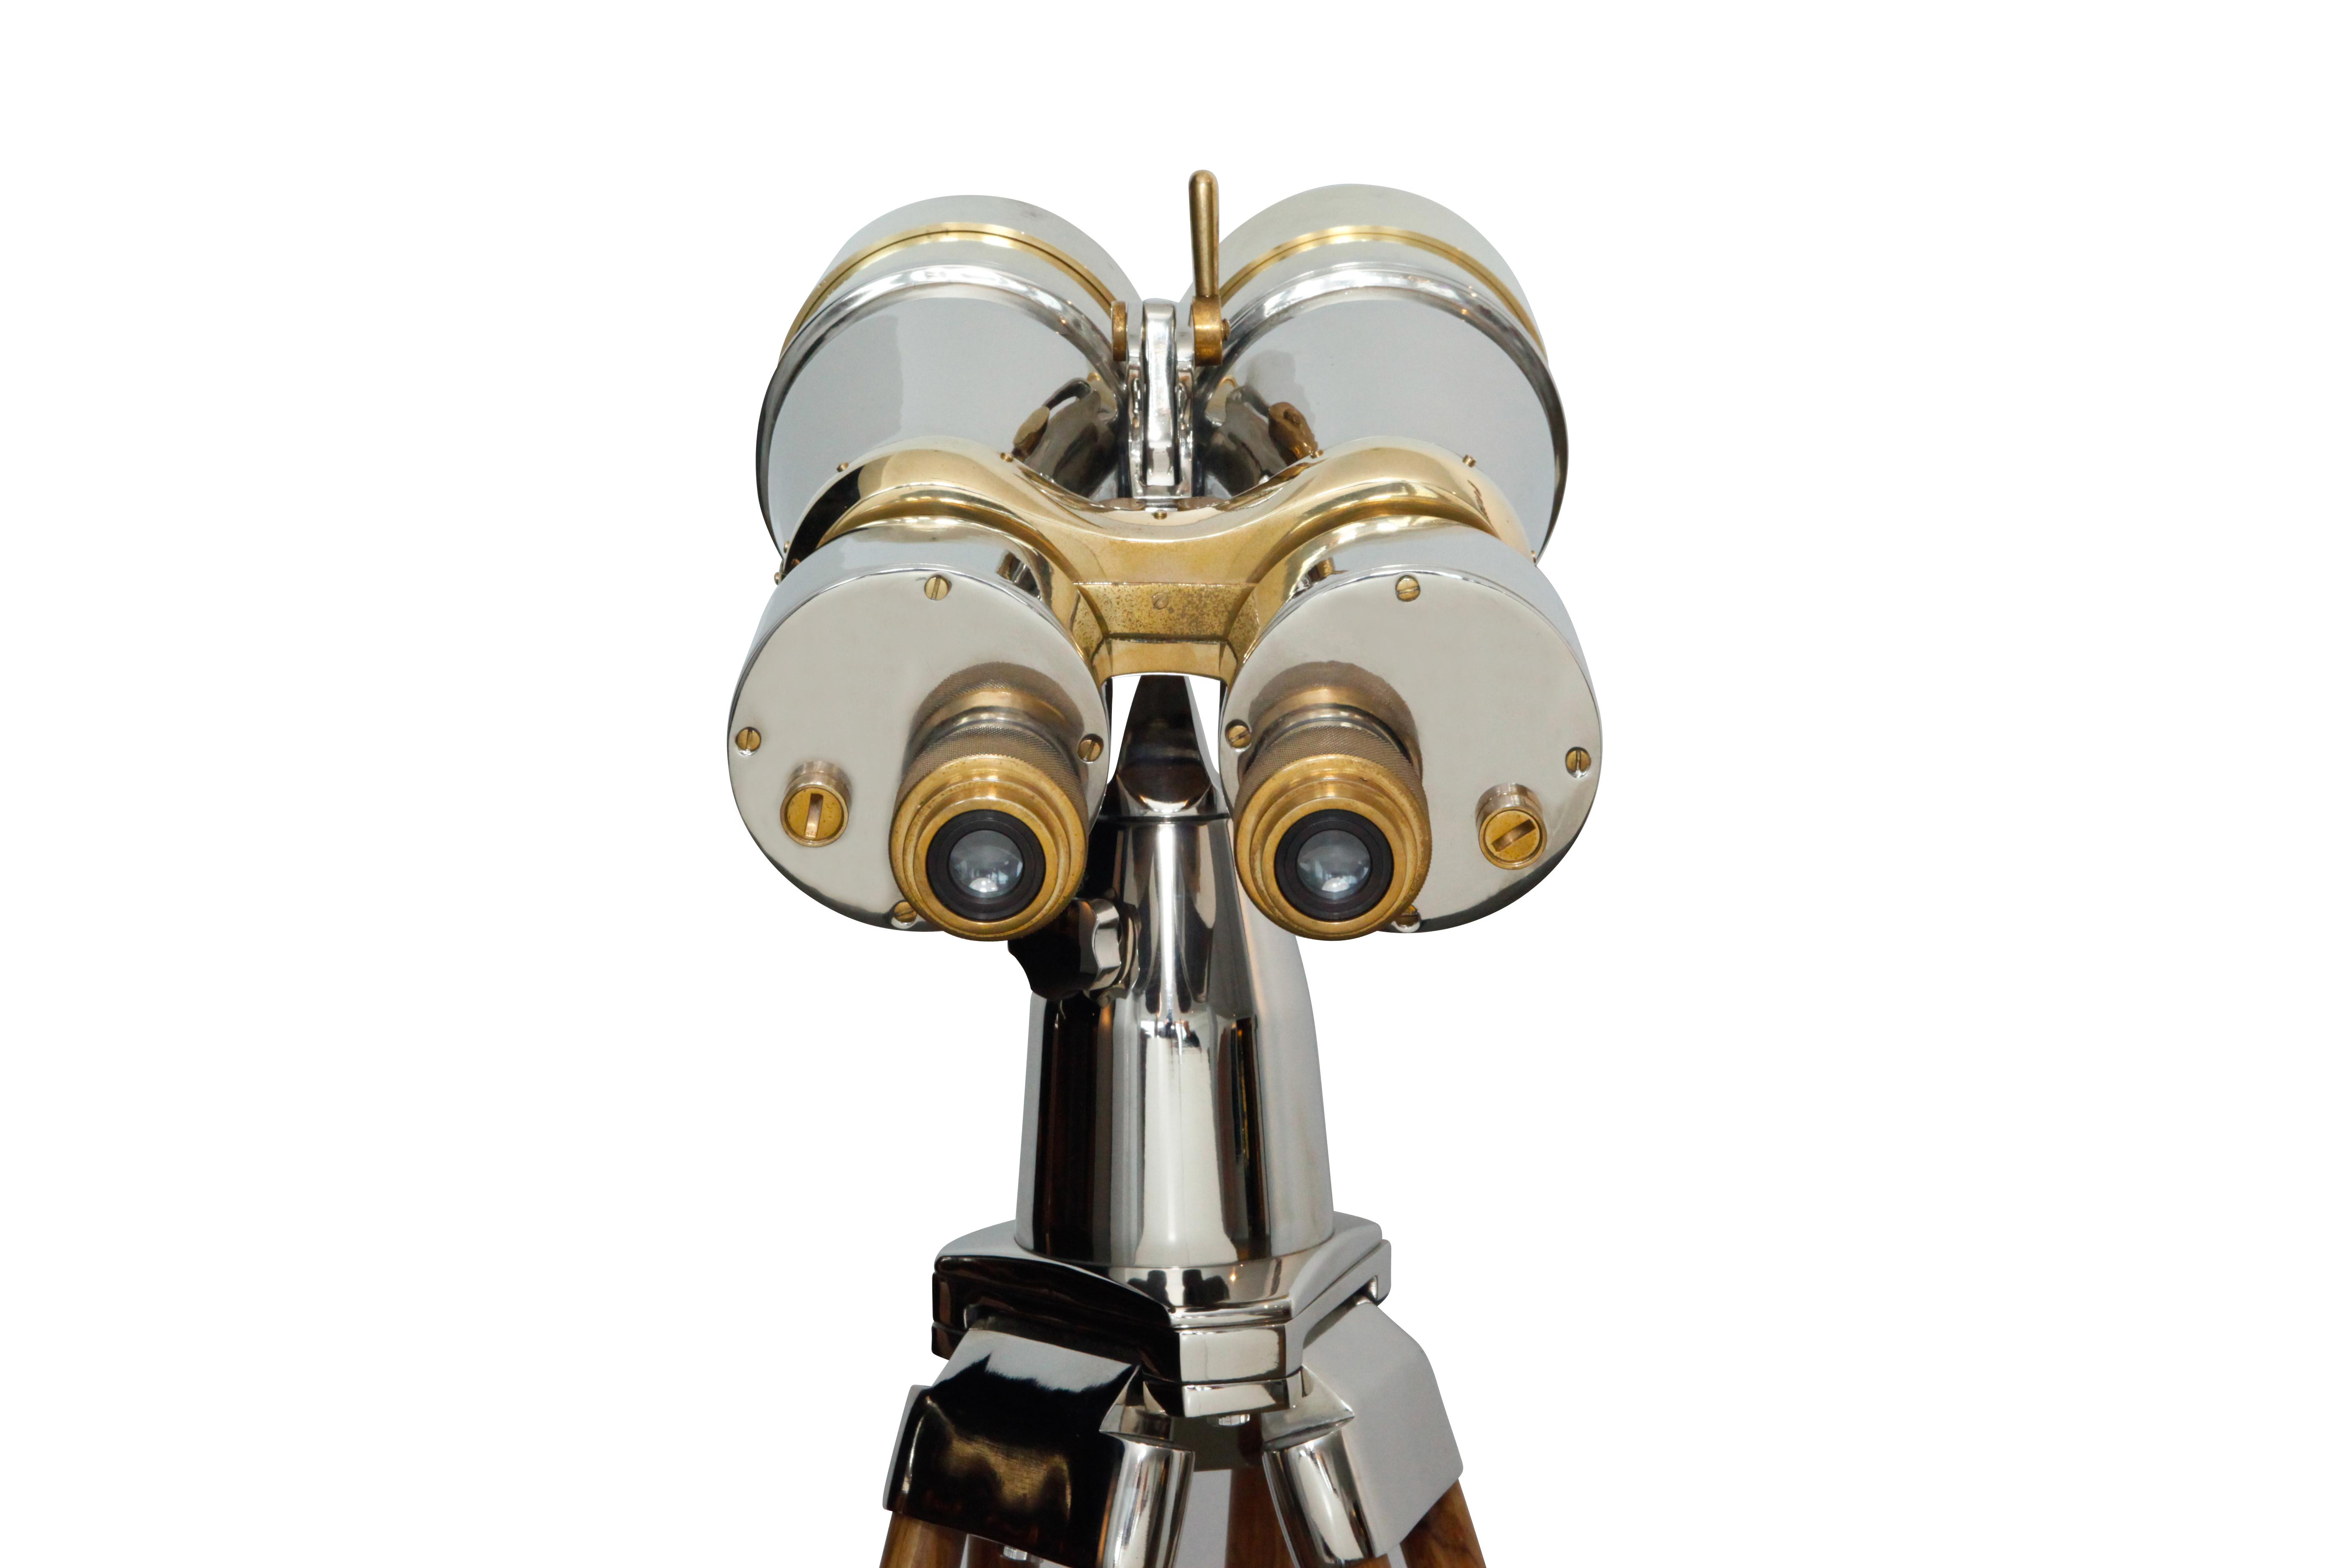 15x100-0deg-japanese binocular